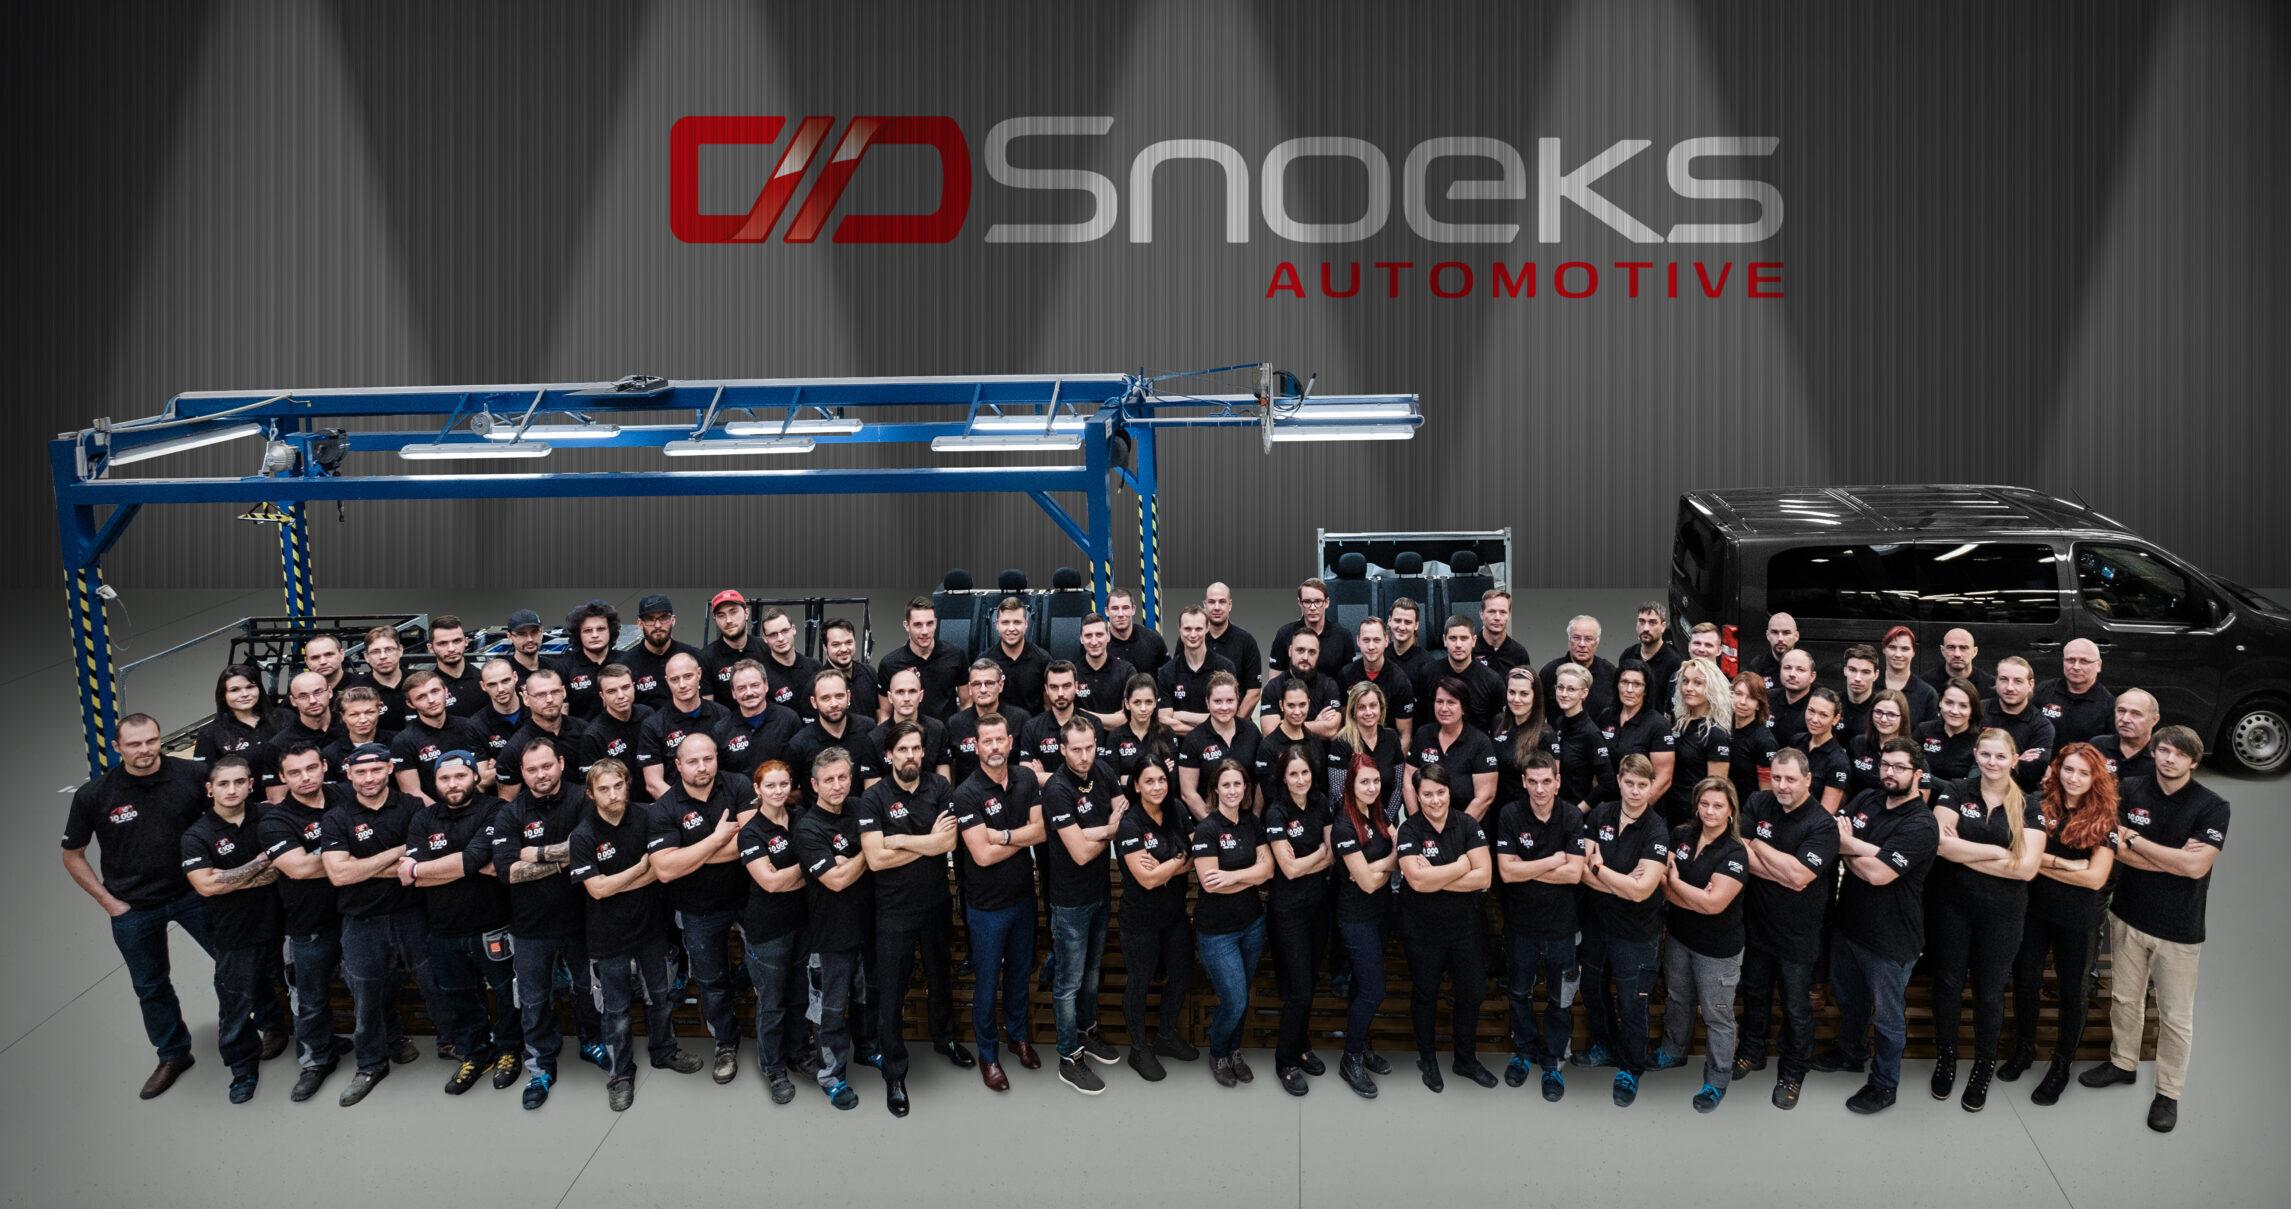 Snoeks Automotive Crew Van supplier